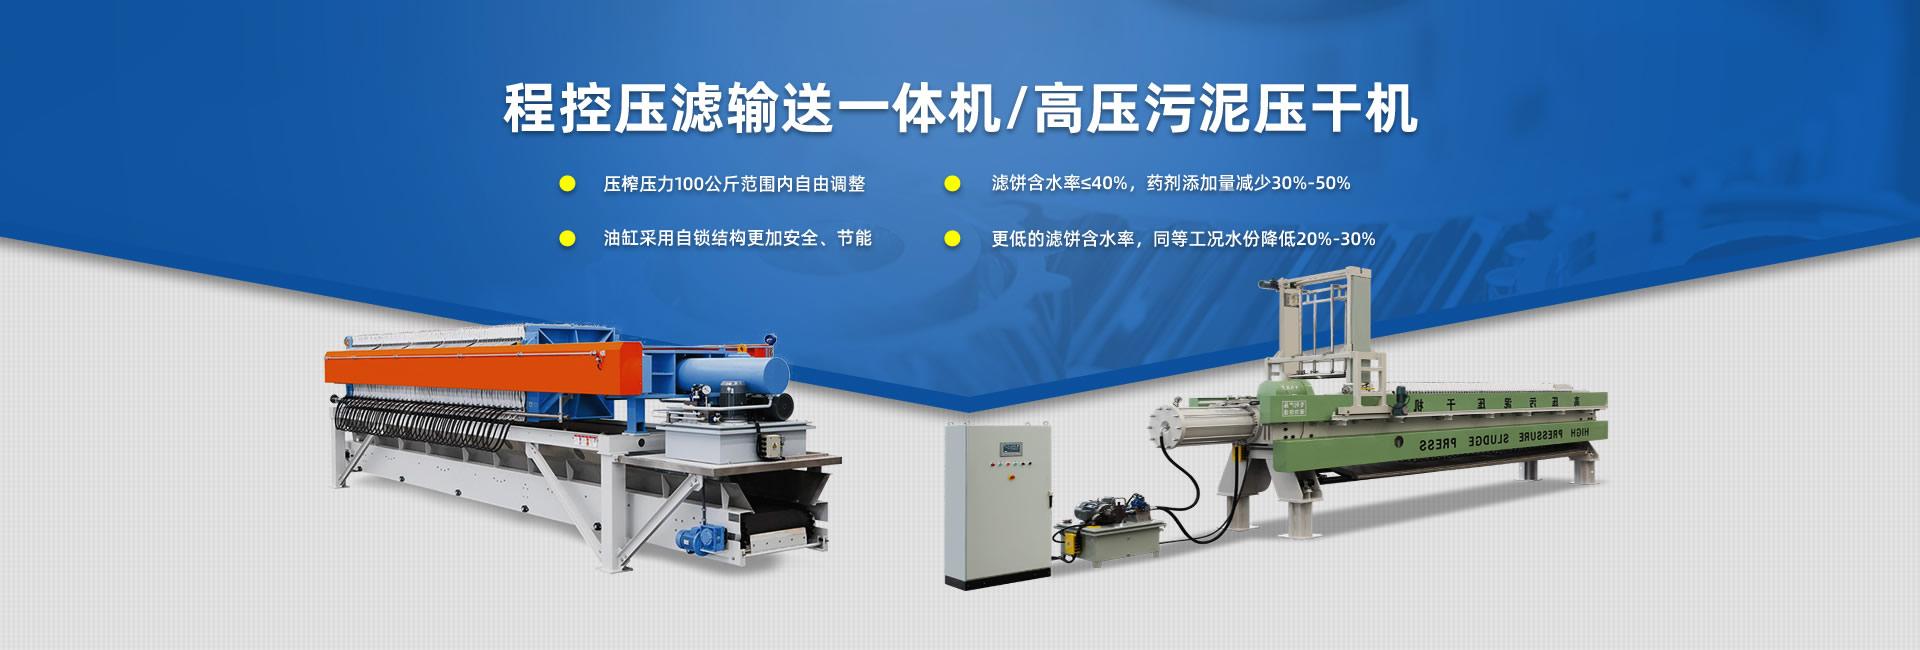 程控壓濾輸送一體機、高壓污泥壓干機